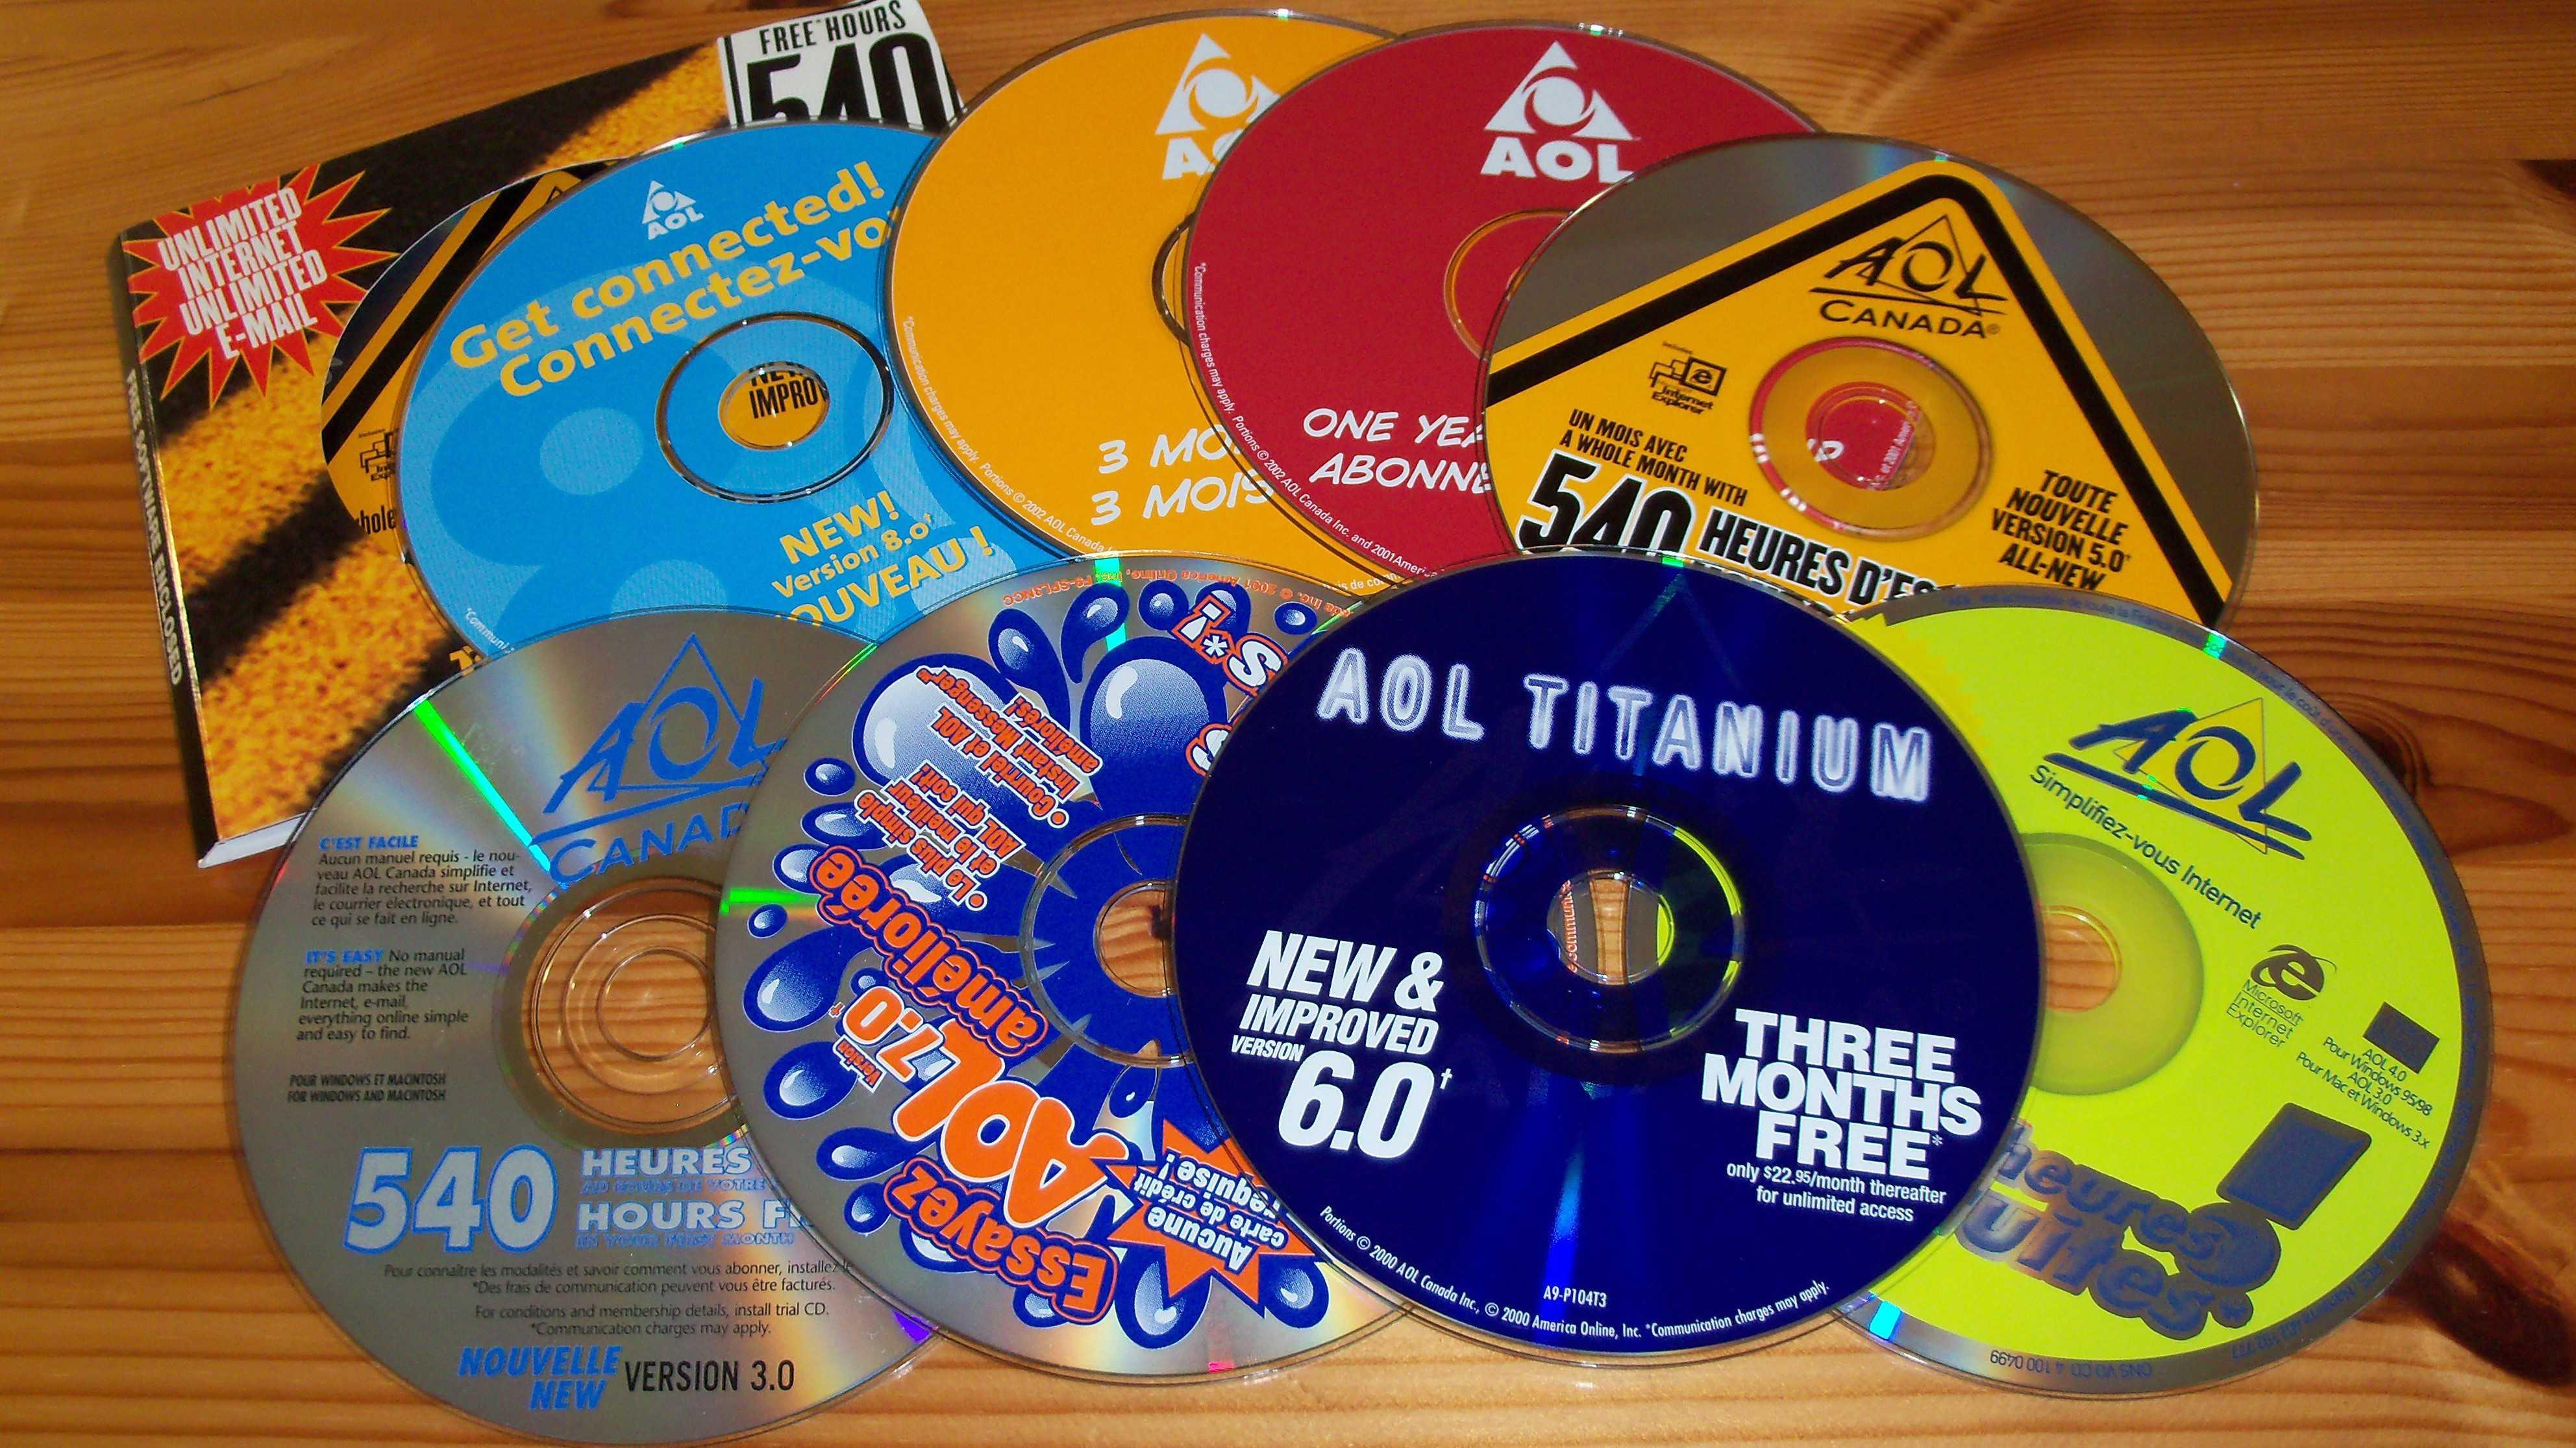 AOL CDs für die Modemeinwahl